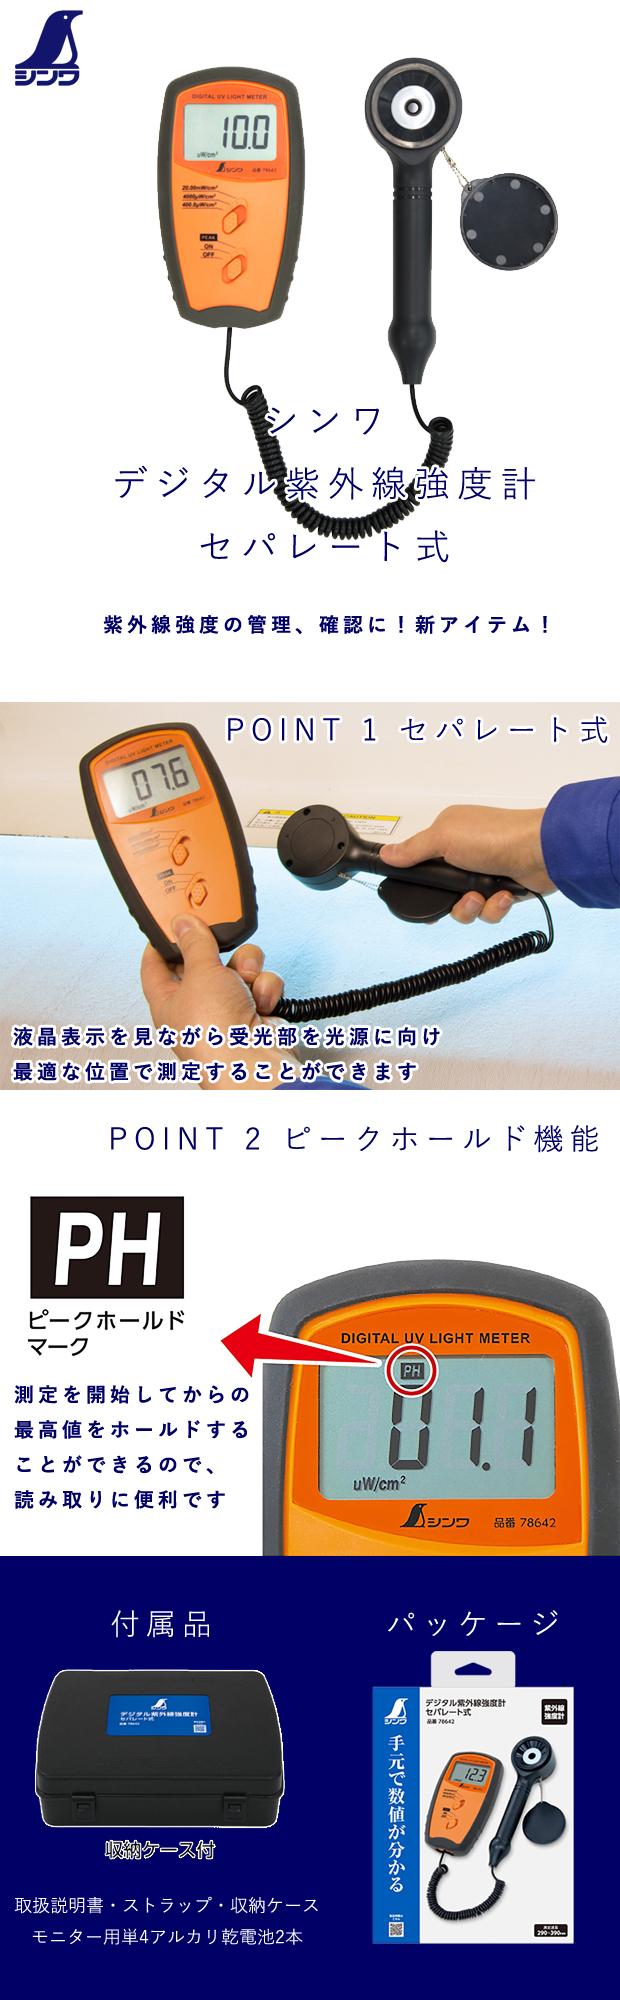 シンワ デジタル紫外線強度計 セパレート式 (78642)